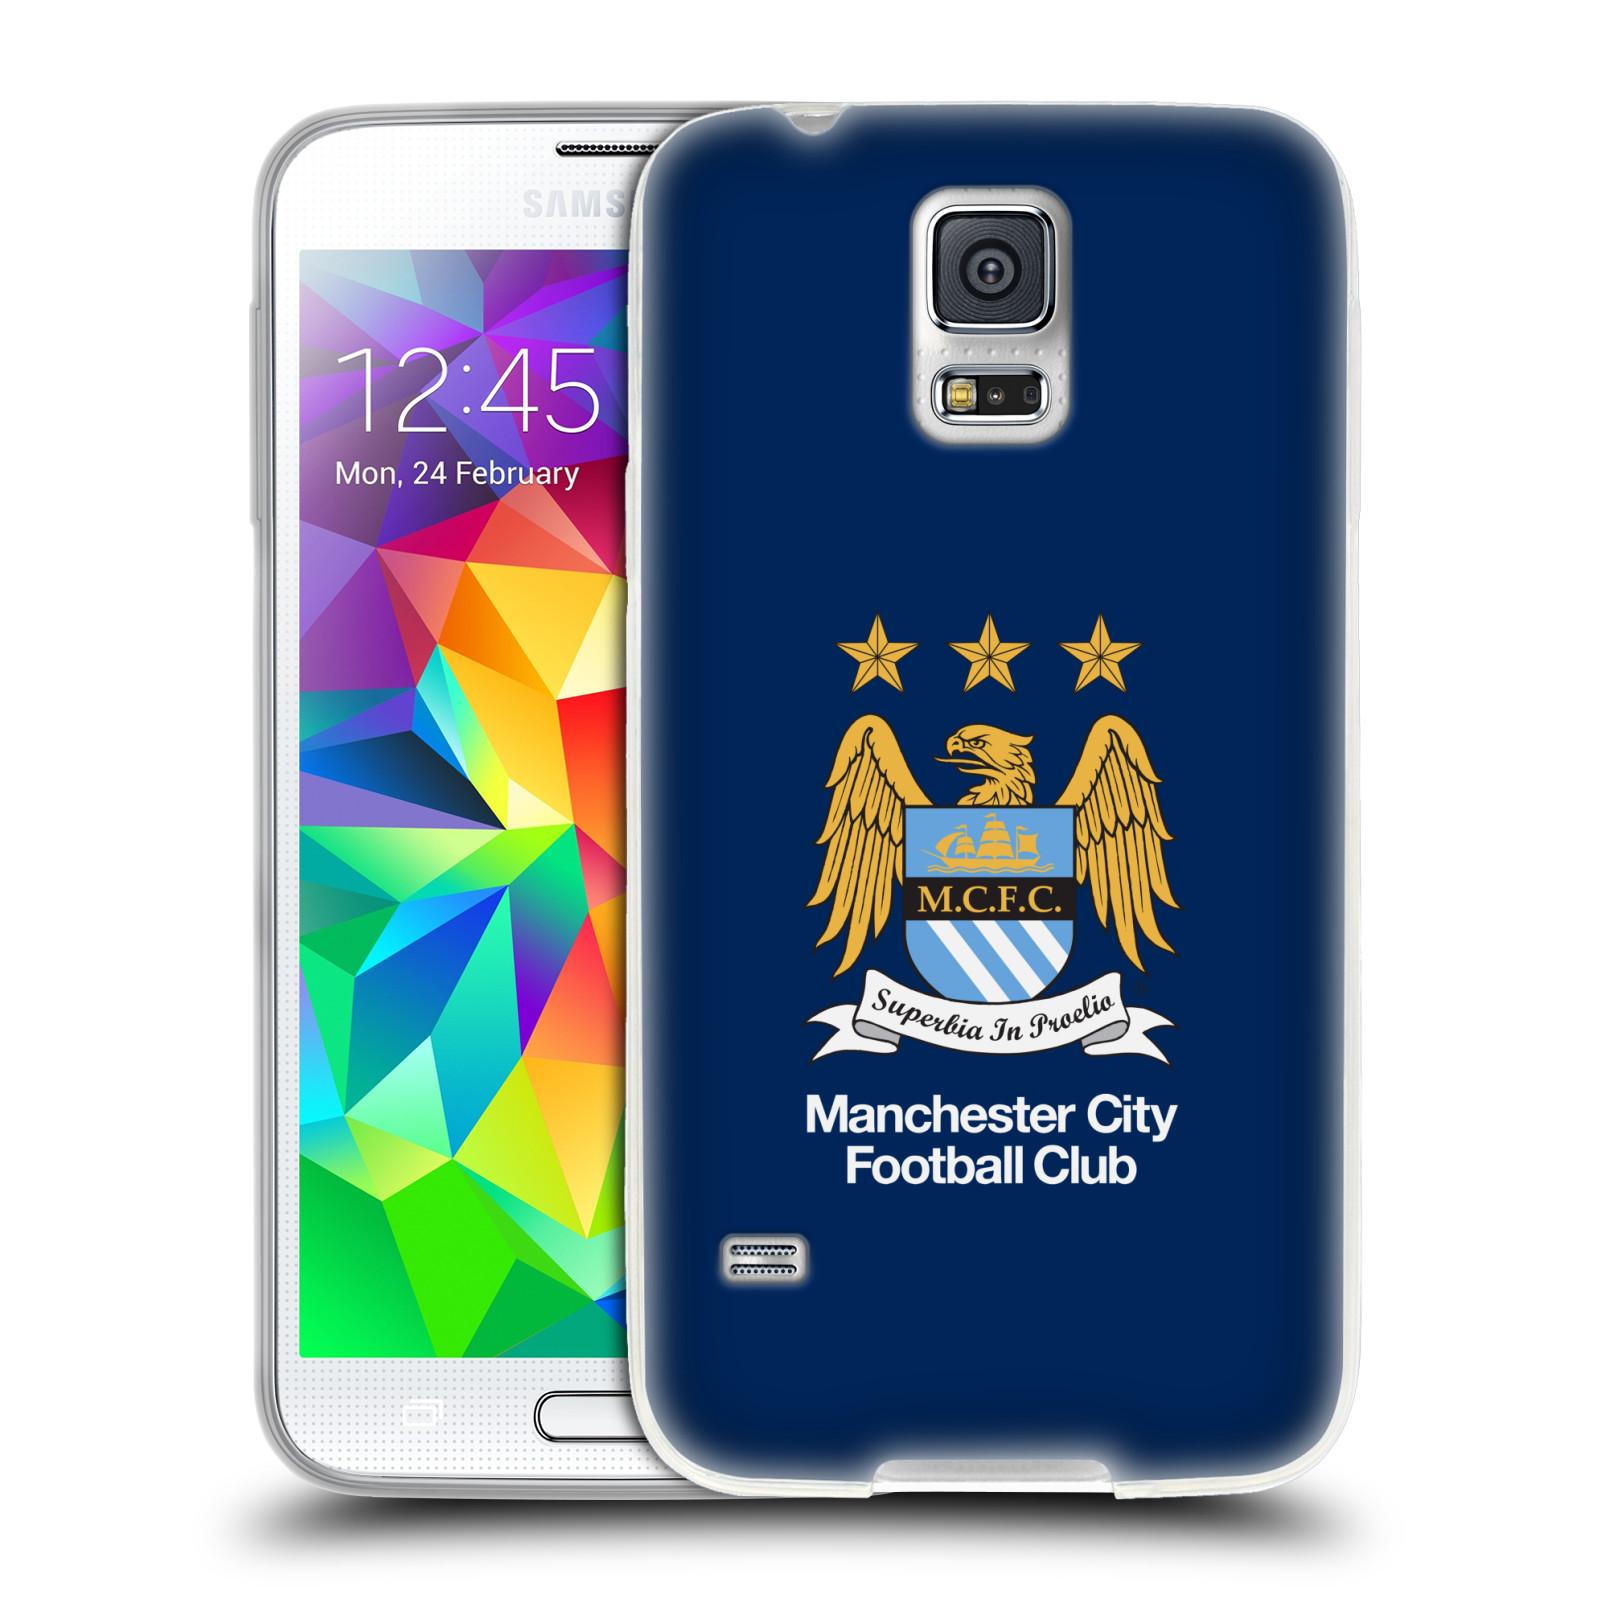 HEAD CASE silikonový obal na mobil Samsung Galaxy S5 Fotbalový klub Manchester City modré pozadí velký znak